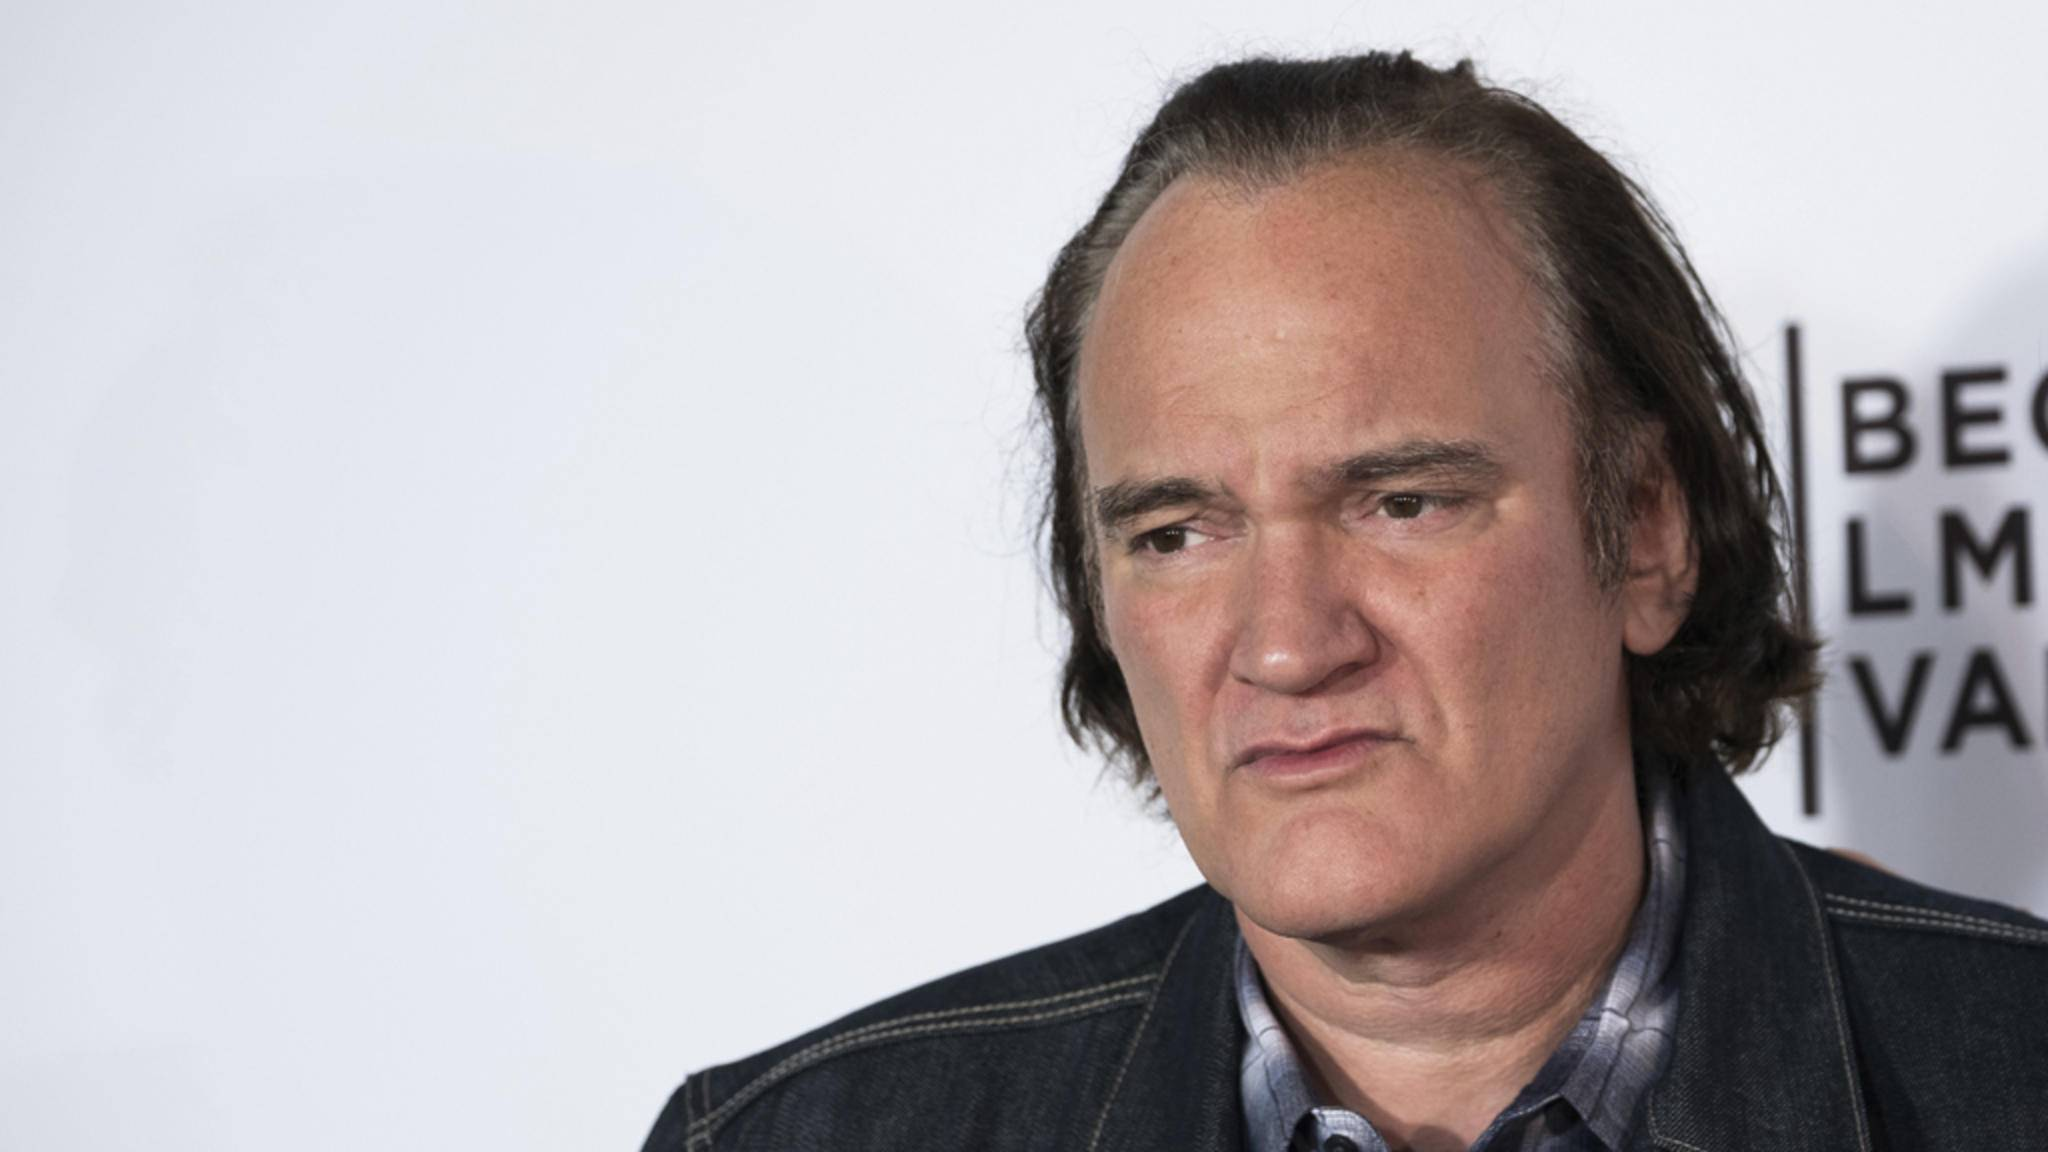 """Quentin Tarantino setzt sich durch und bekommt für """"Star Trek"""" eine FSK-16-Freigabe."""